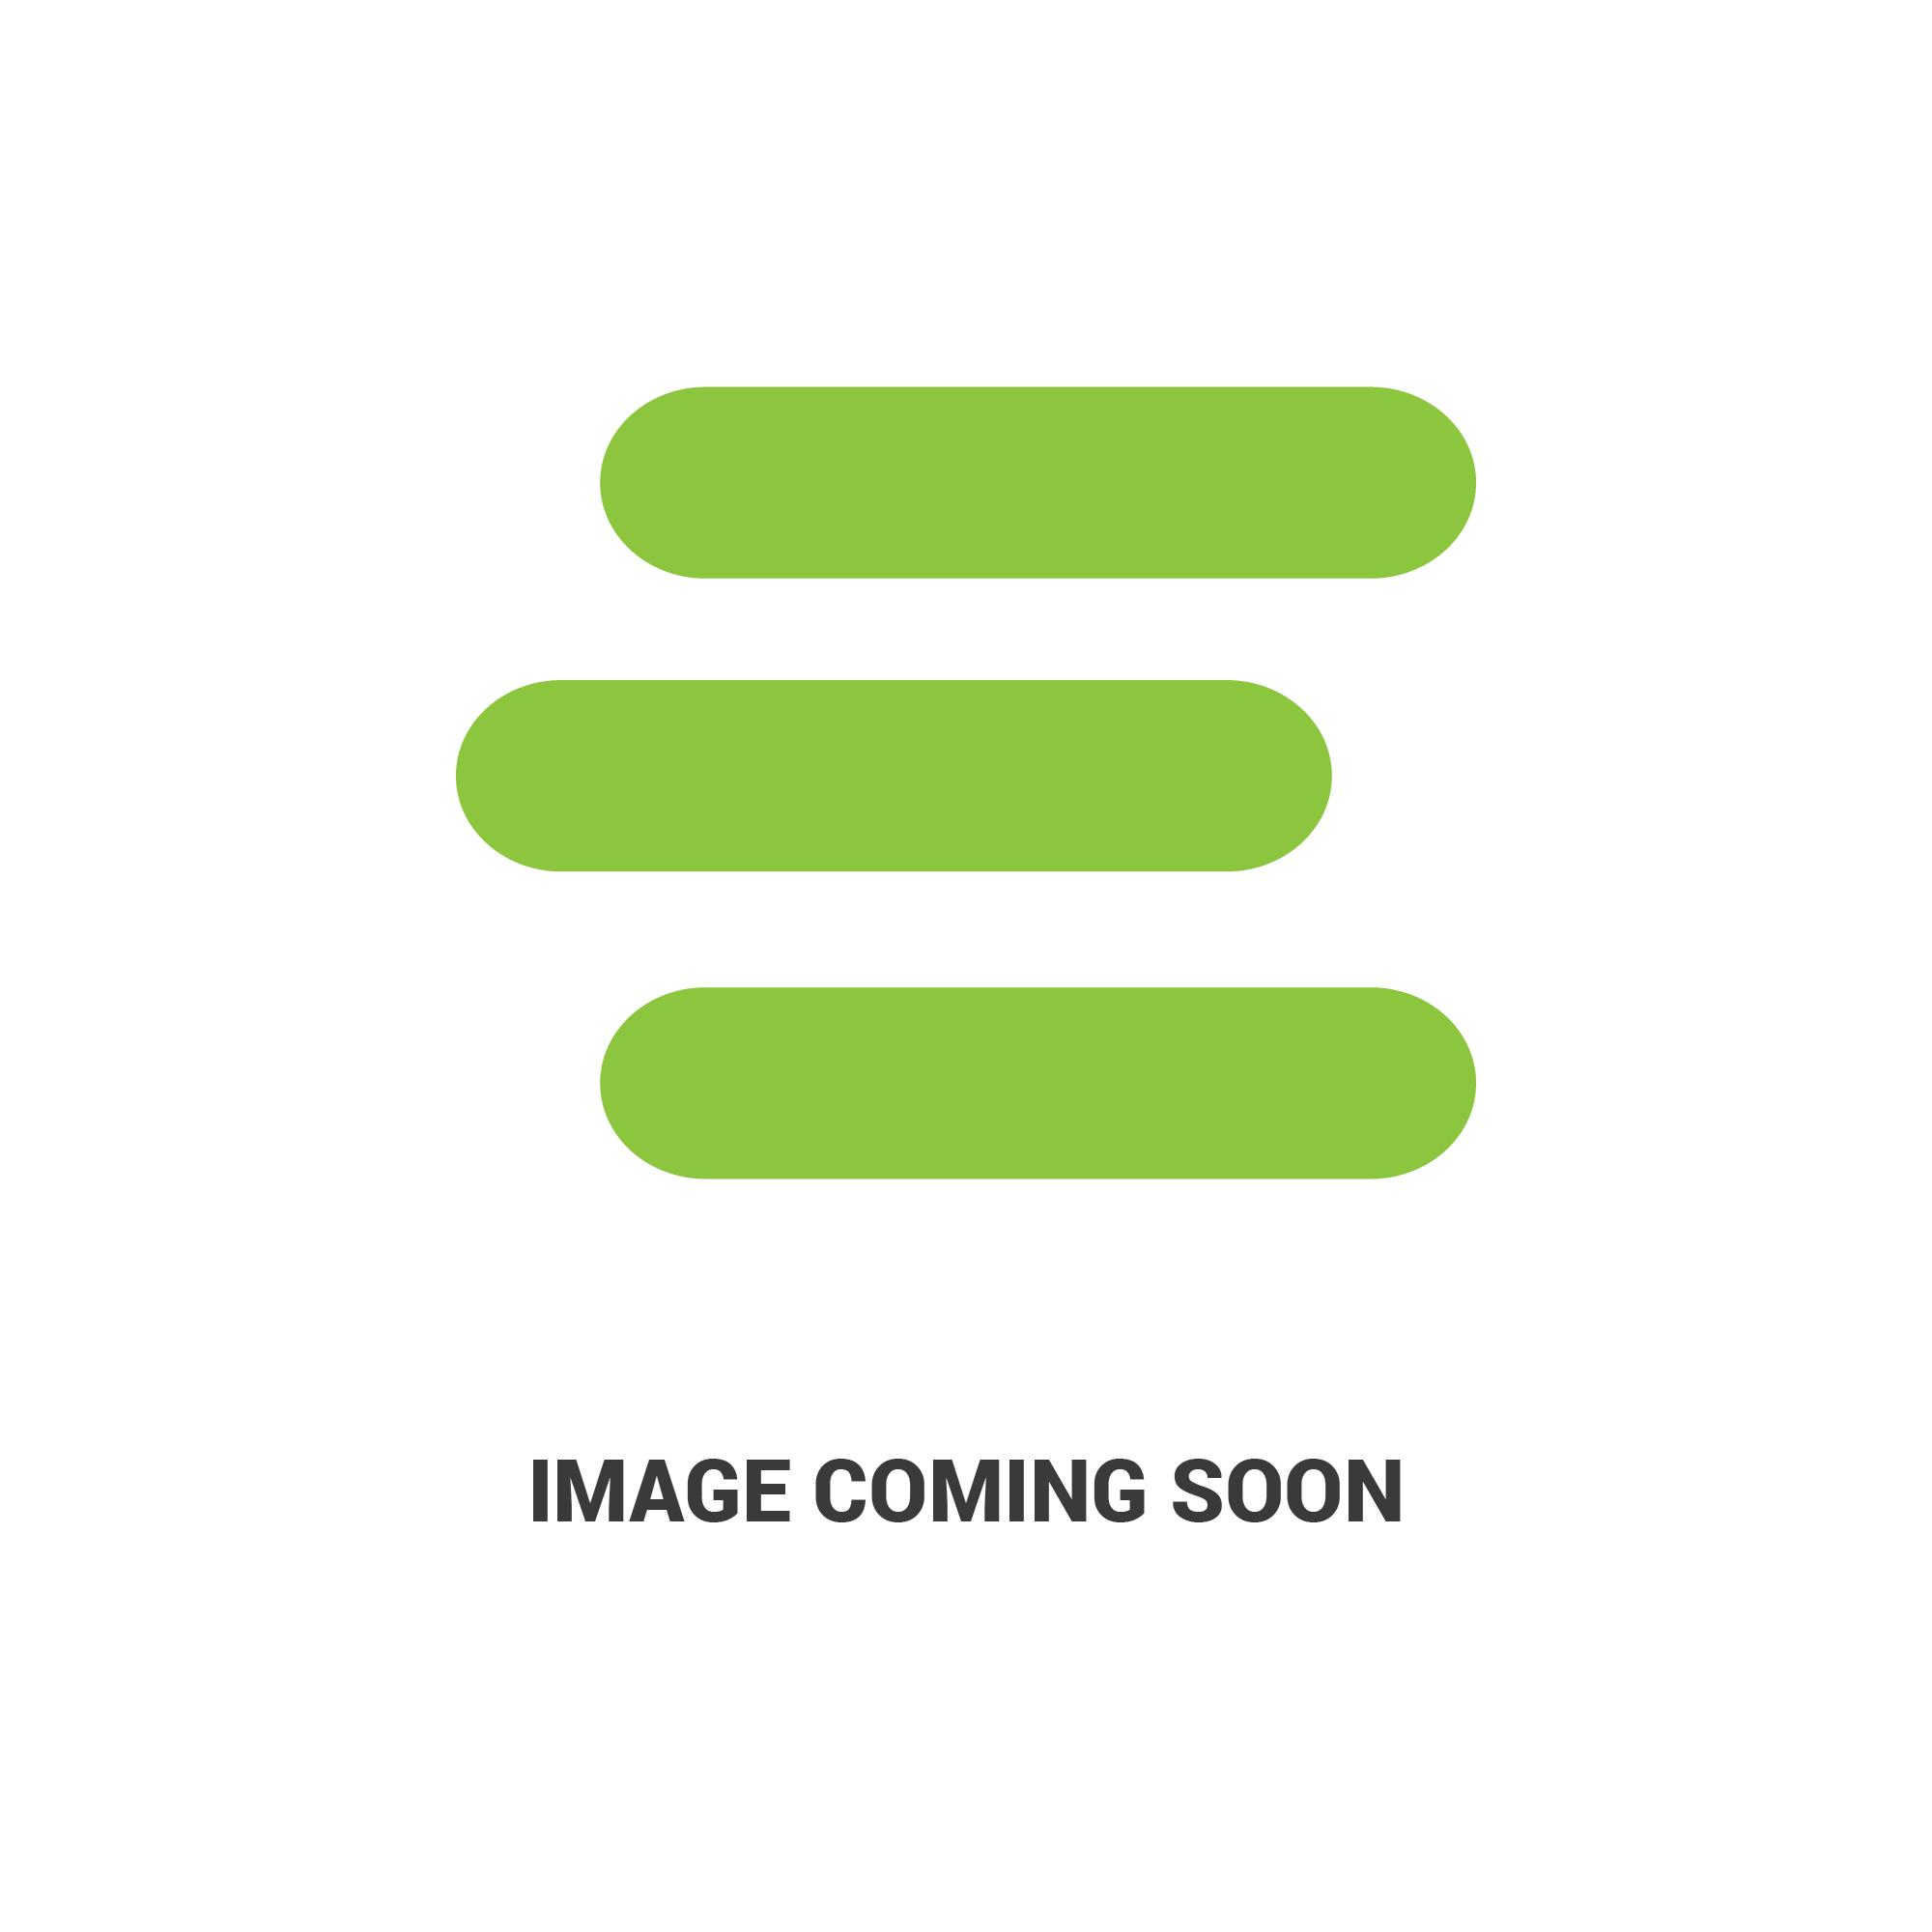 E-3P300-83310ag1001912.jpg